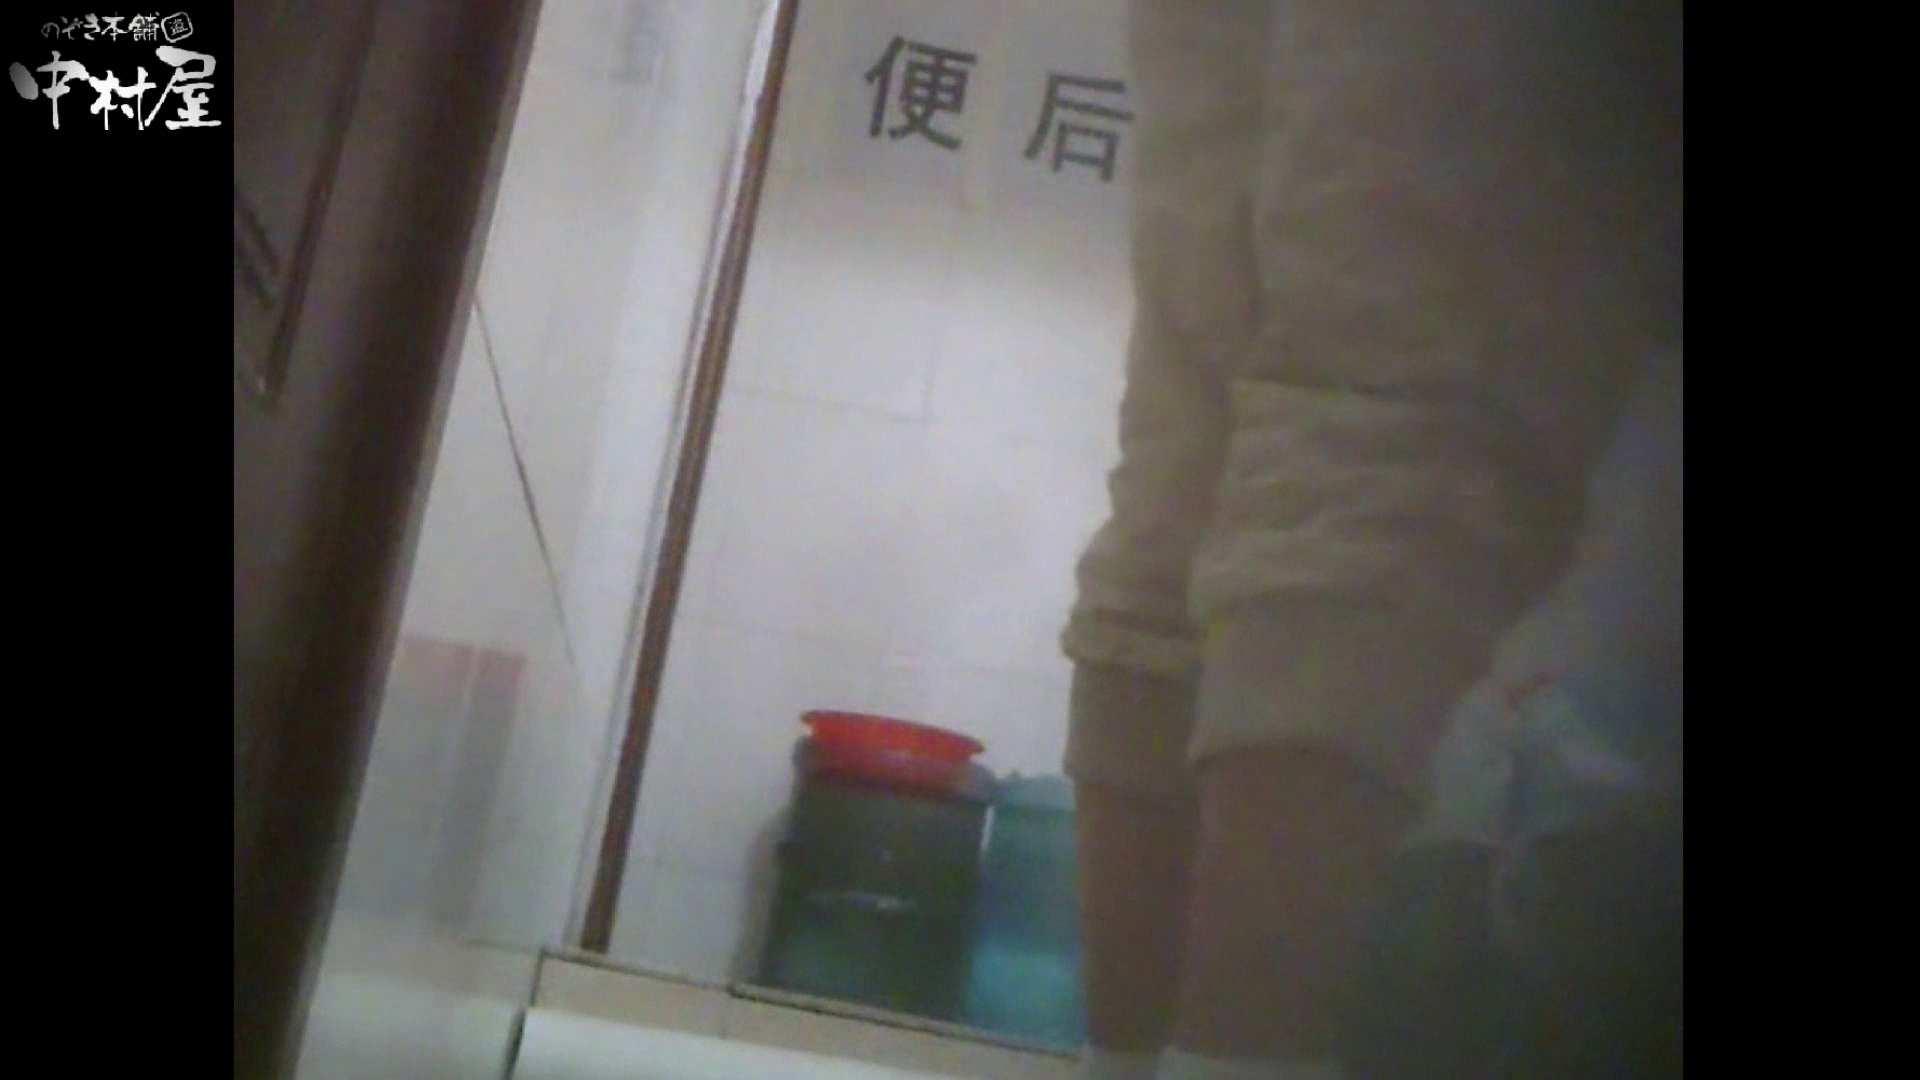 李さんの盗撮日記 Vol.08 OLのエロ生活  85連発 65